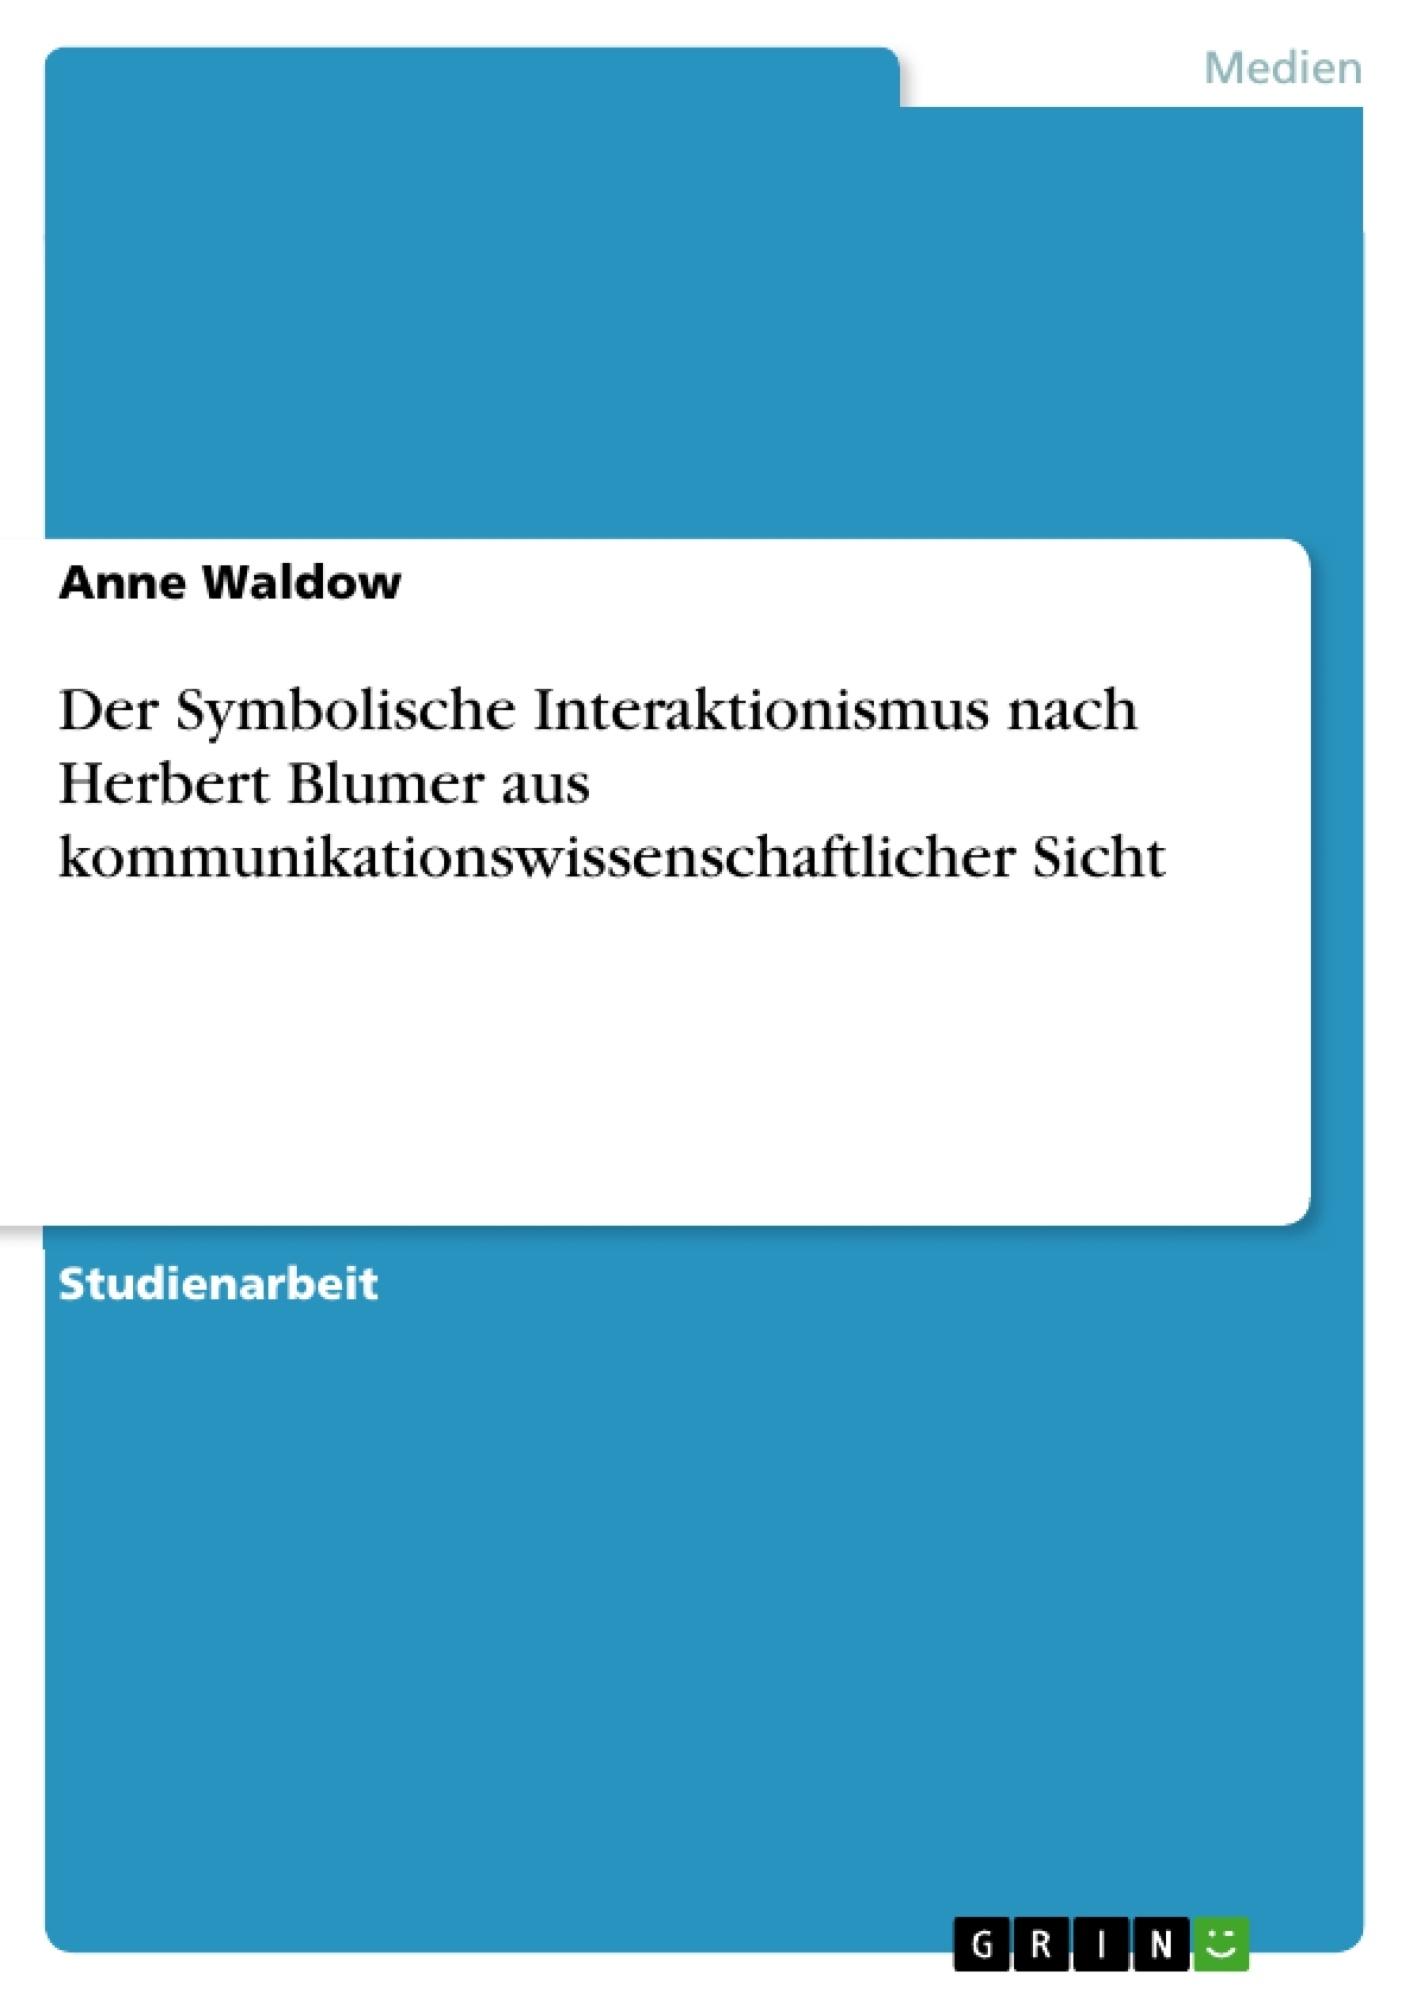 Titel: Der Symbolische Interaktionismus nach Herbert Blumer aus kommunikationswissenschaftlicher Sicht